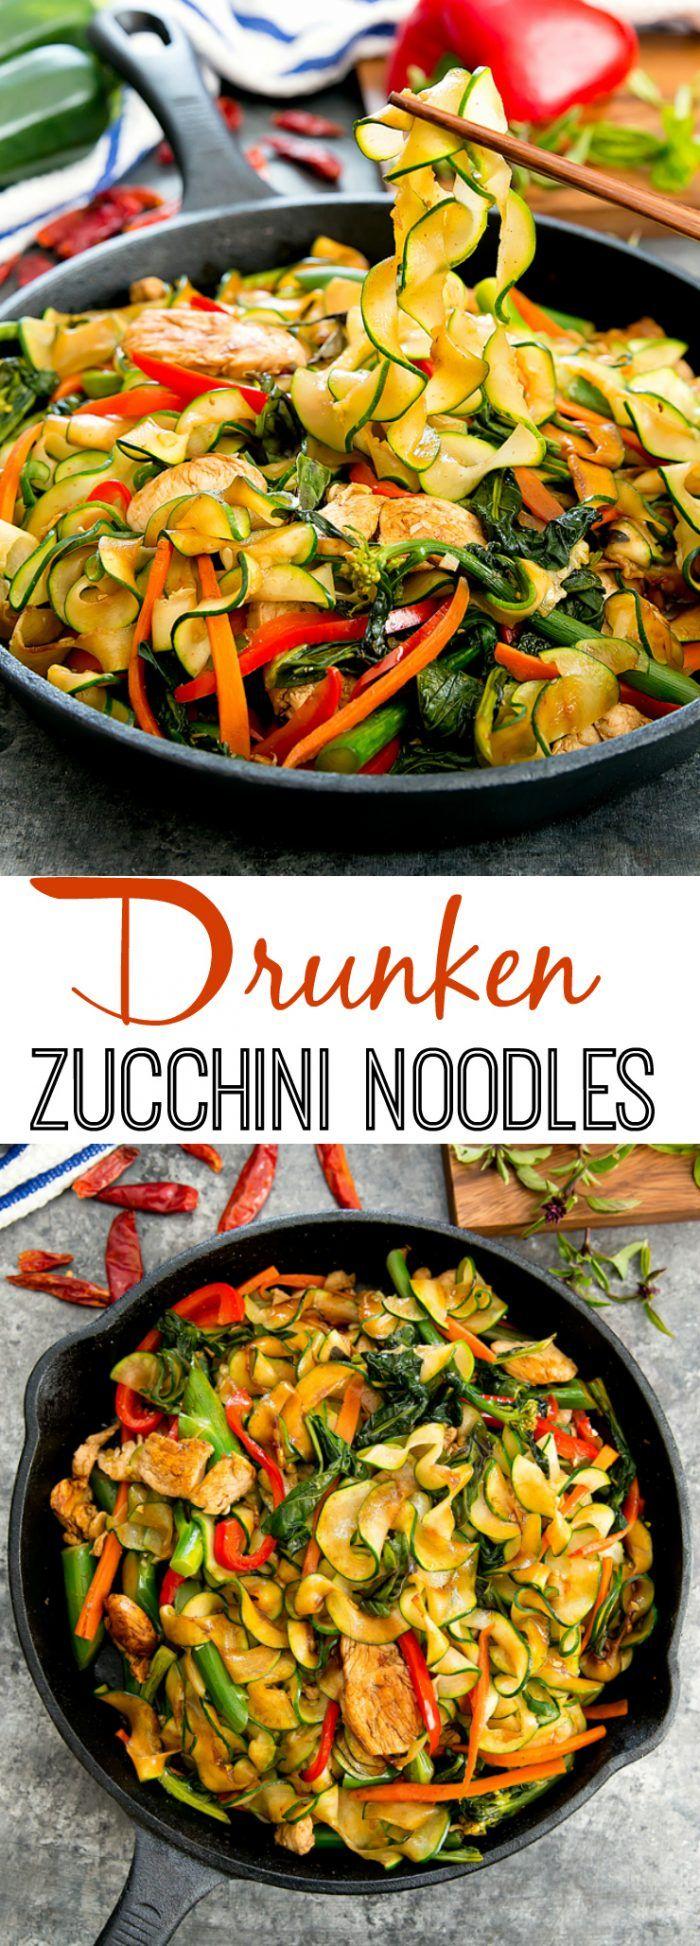 Thai Drunken Zucchini Noodles